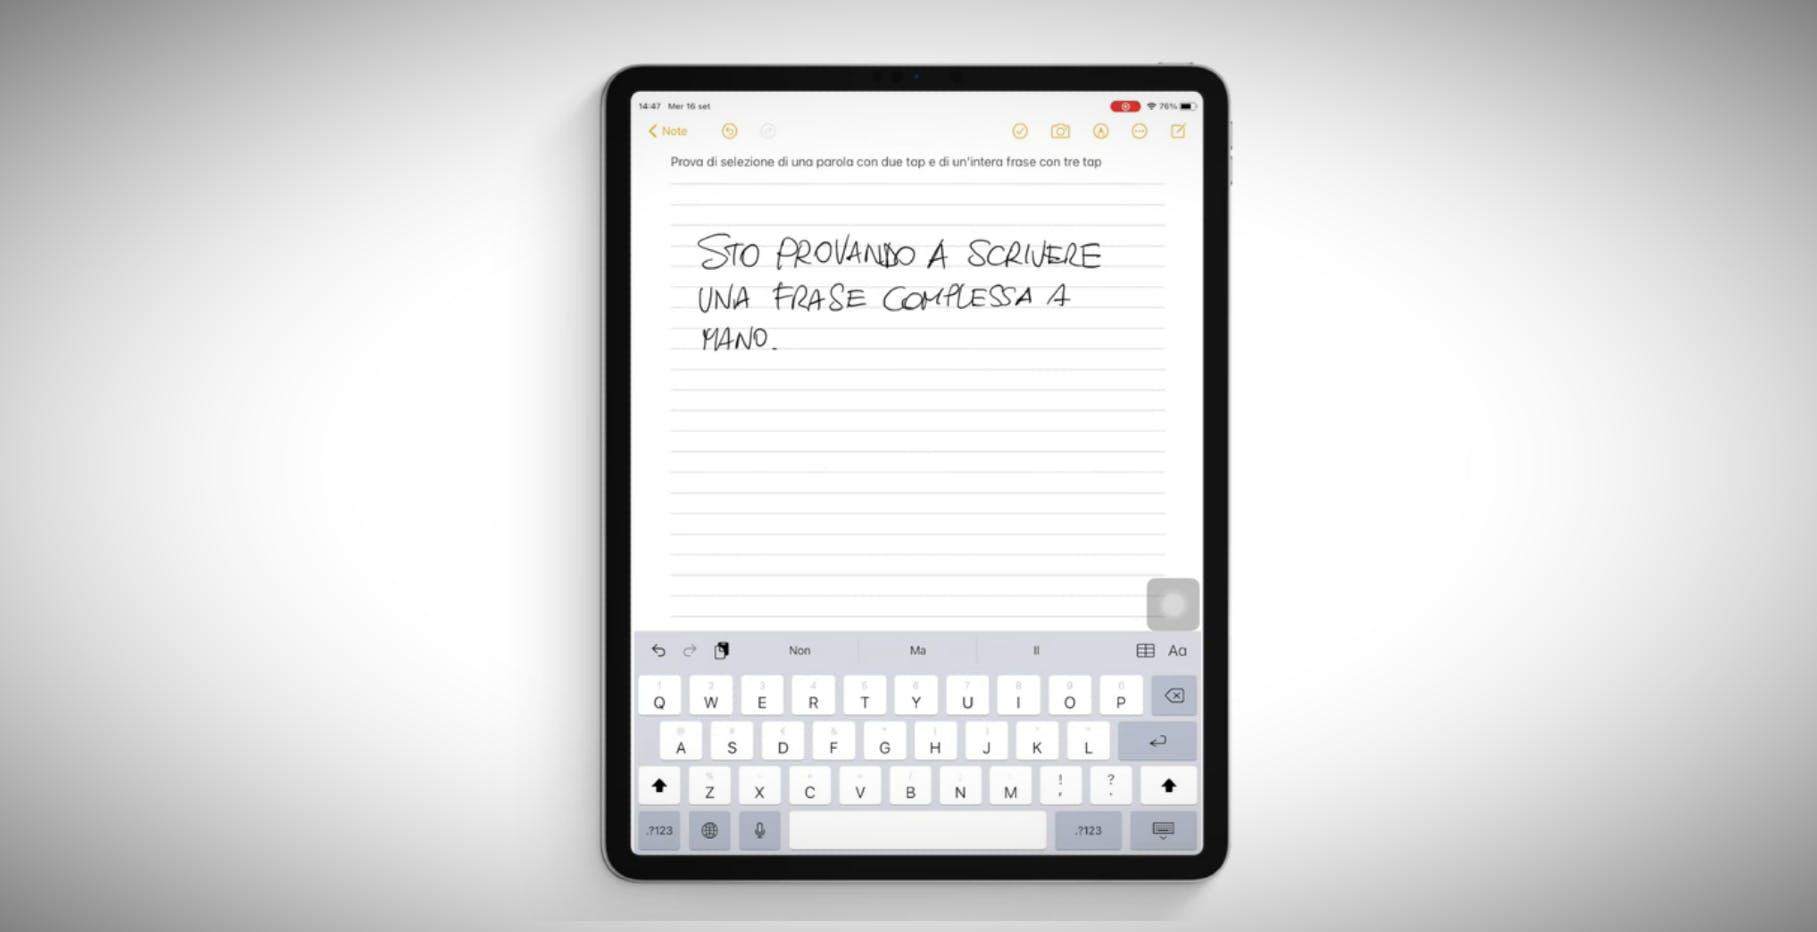 La beta di iPadOS 14.5 ha integrato le funzioni di scrittura a mano in italiano